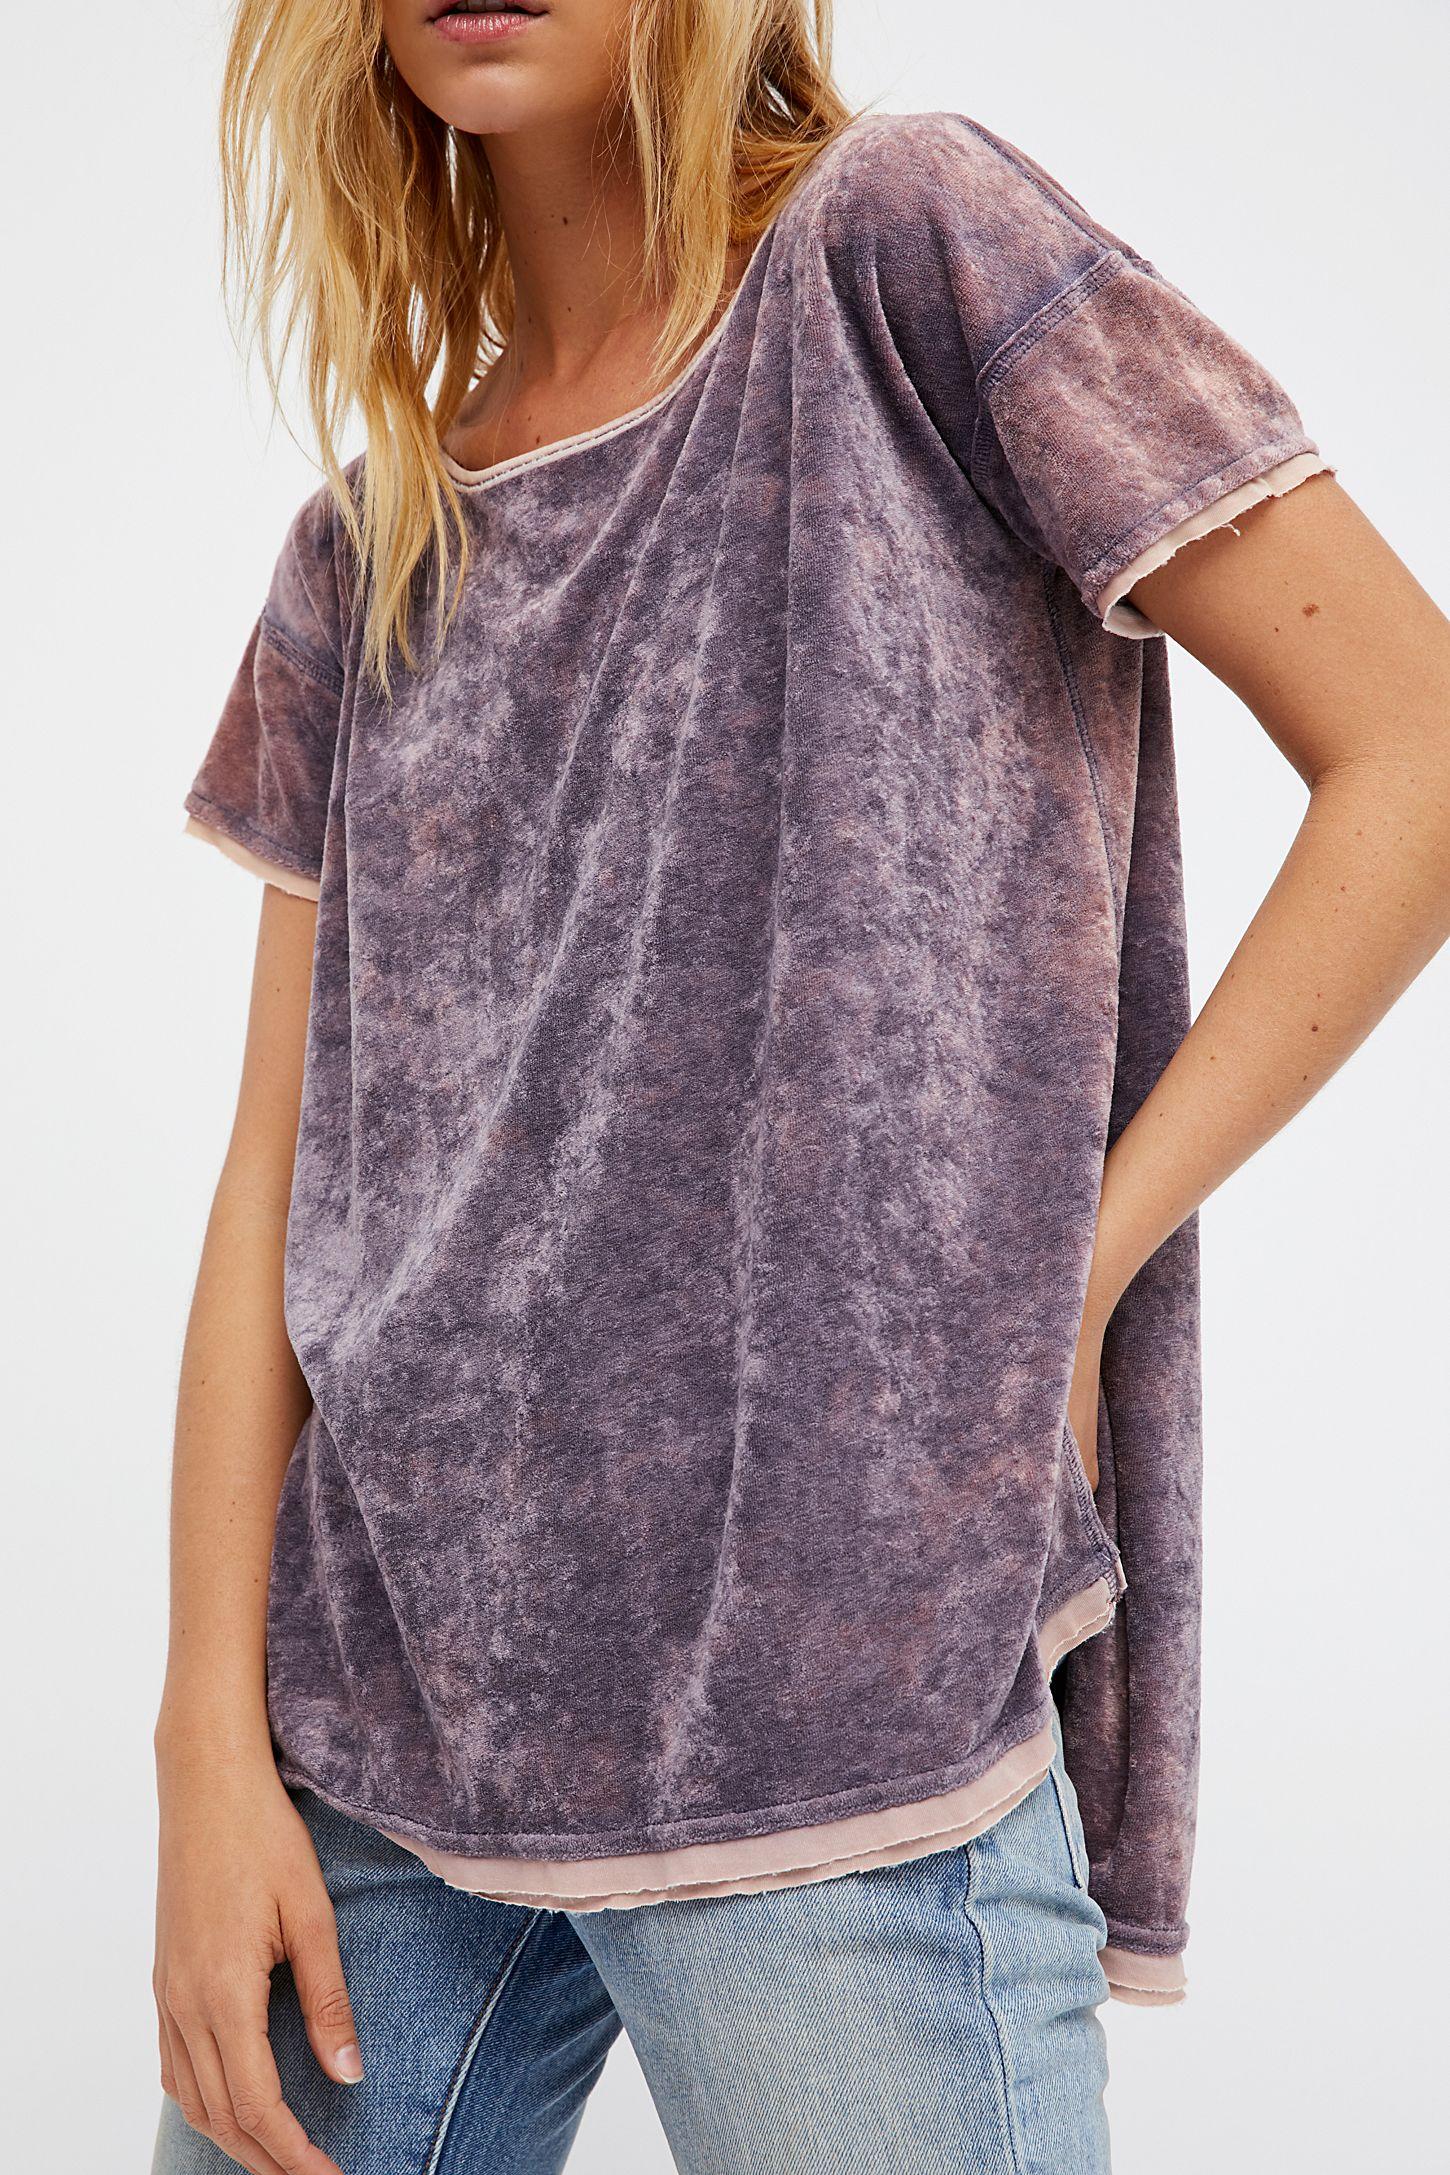 staton wholesale t shirts